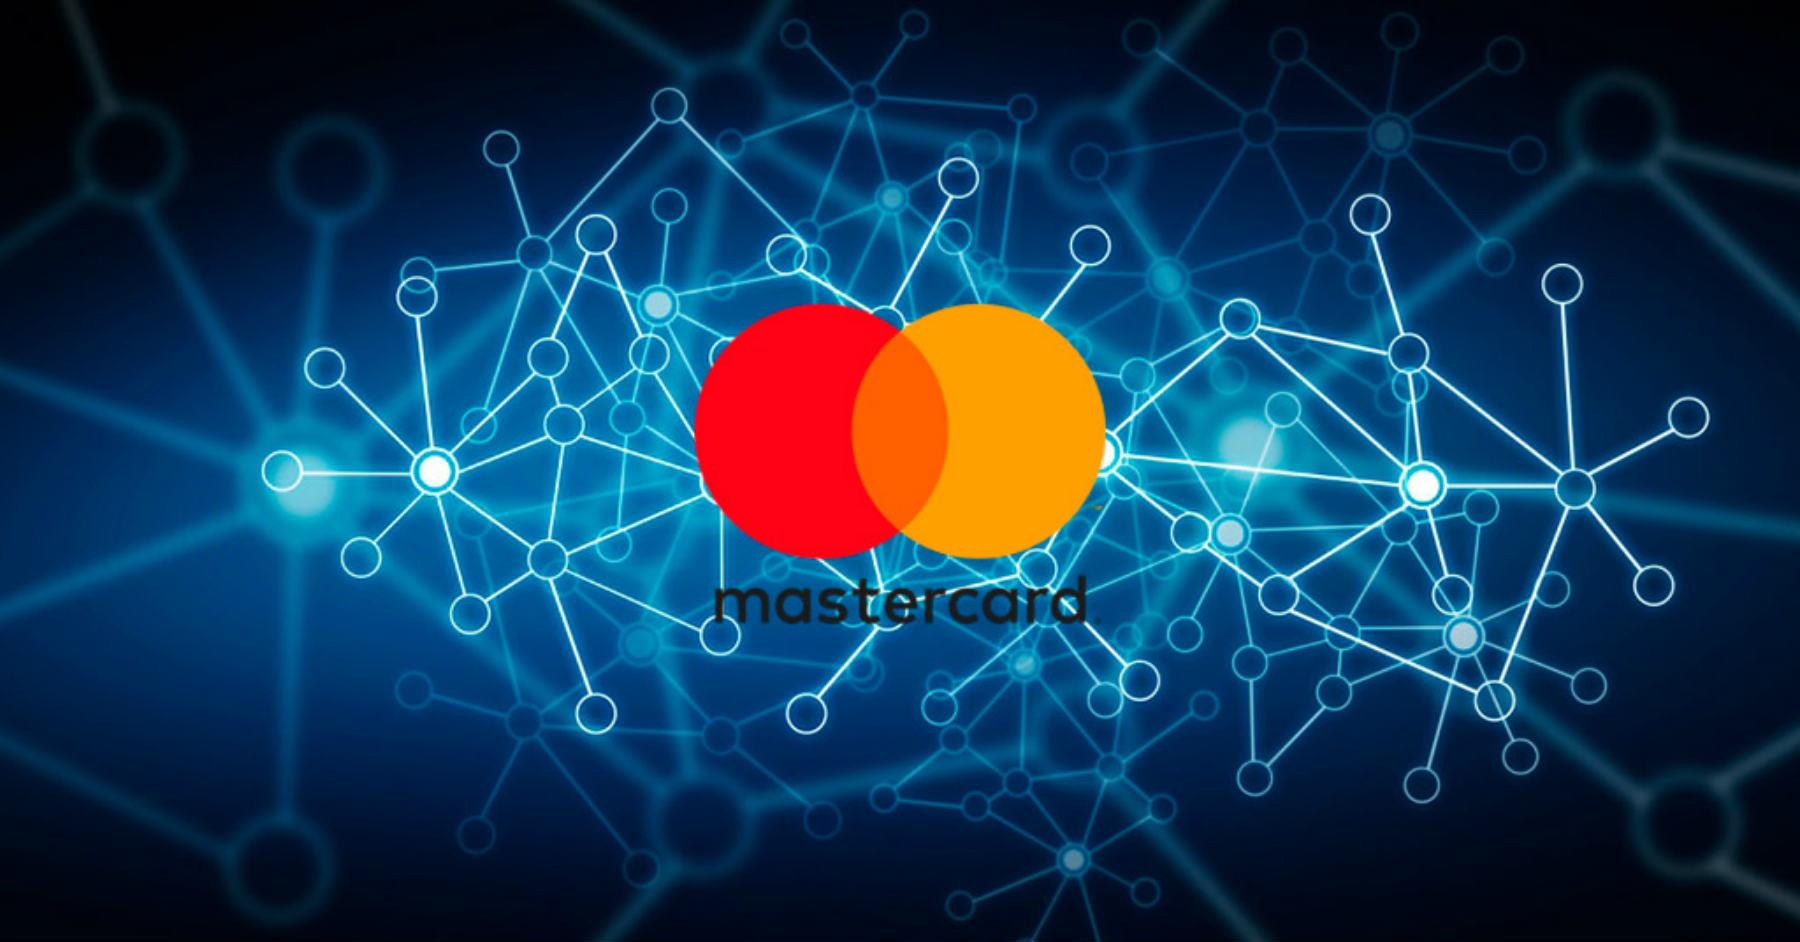 Mastercard patents, a new multi-blockchain